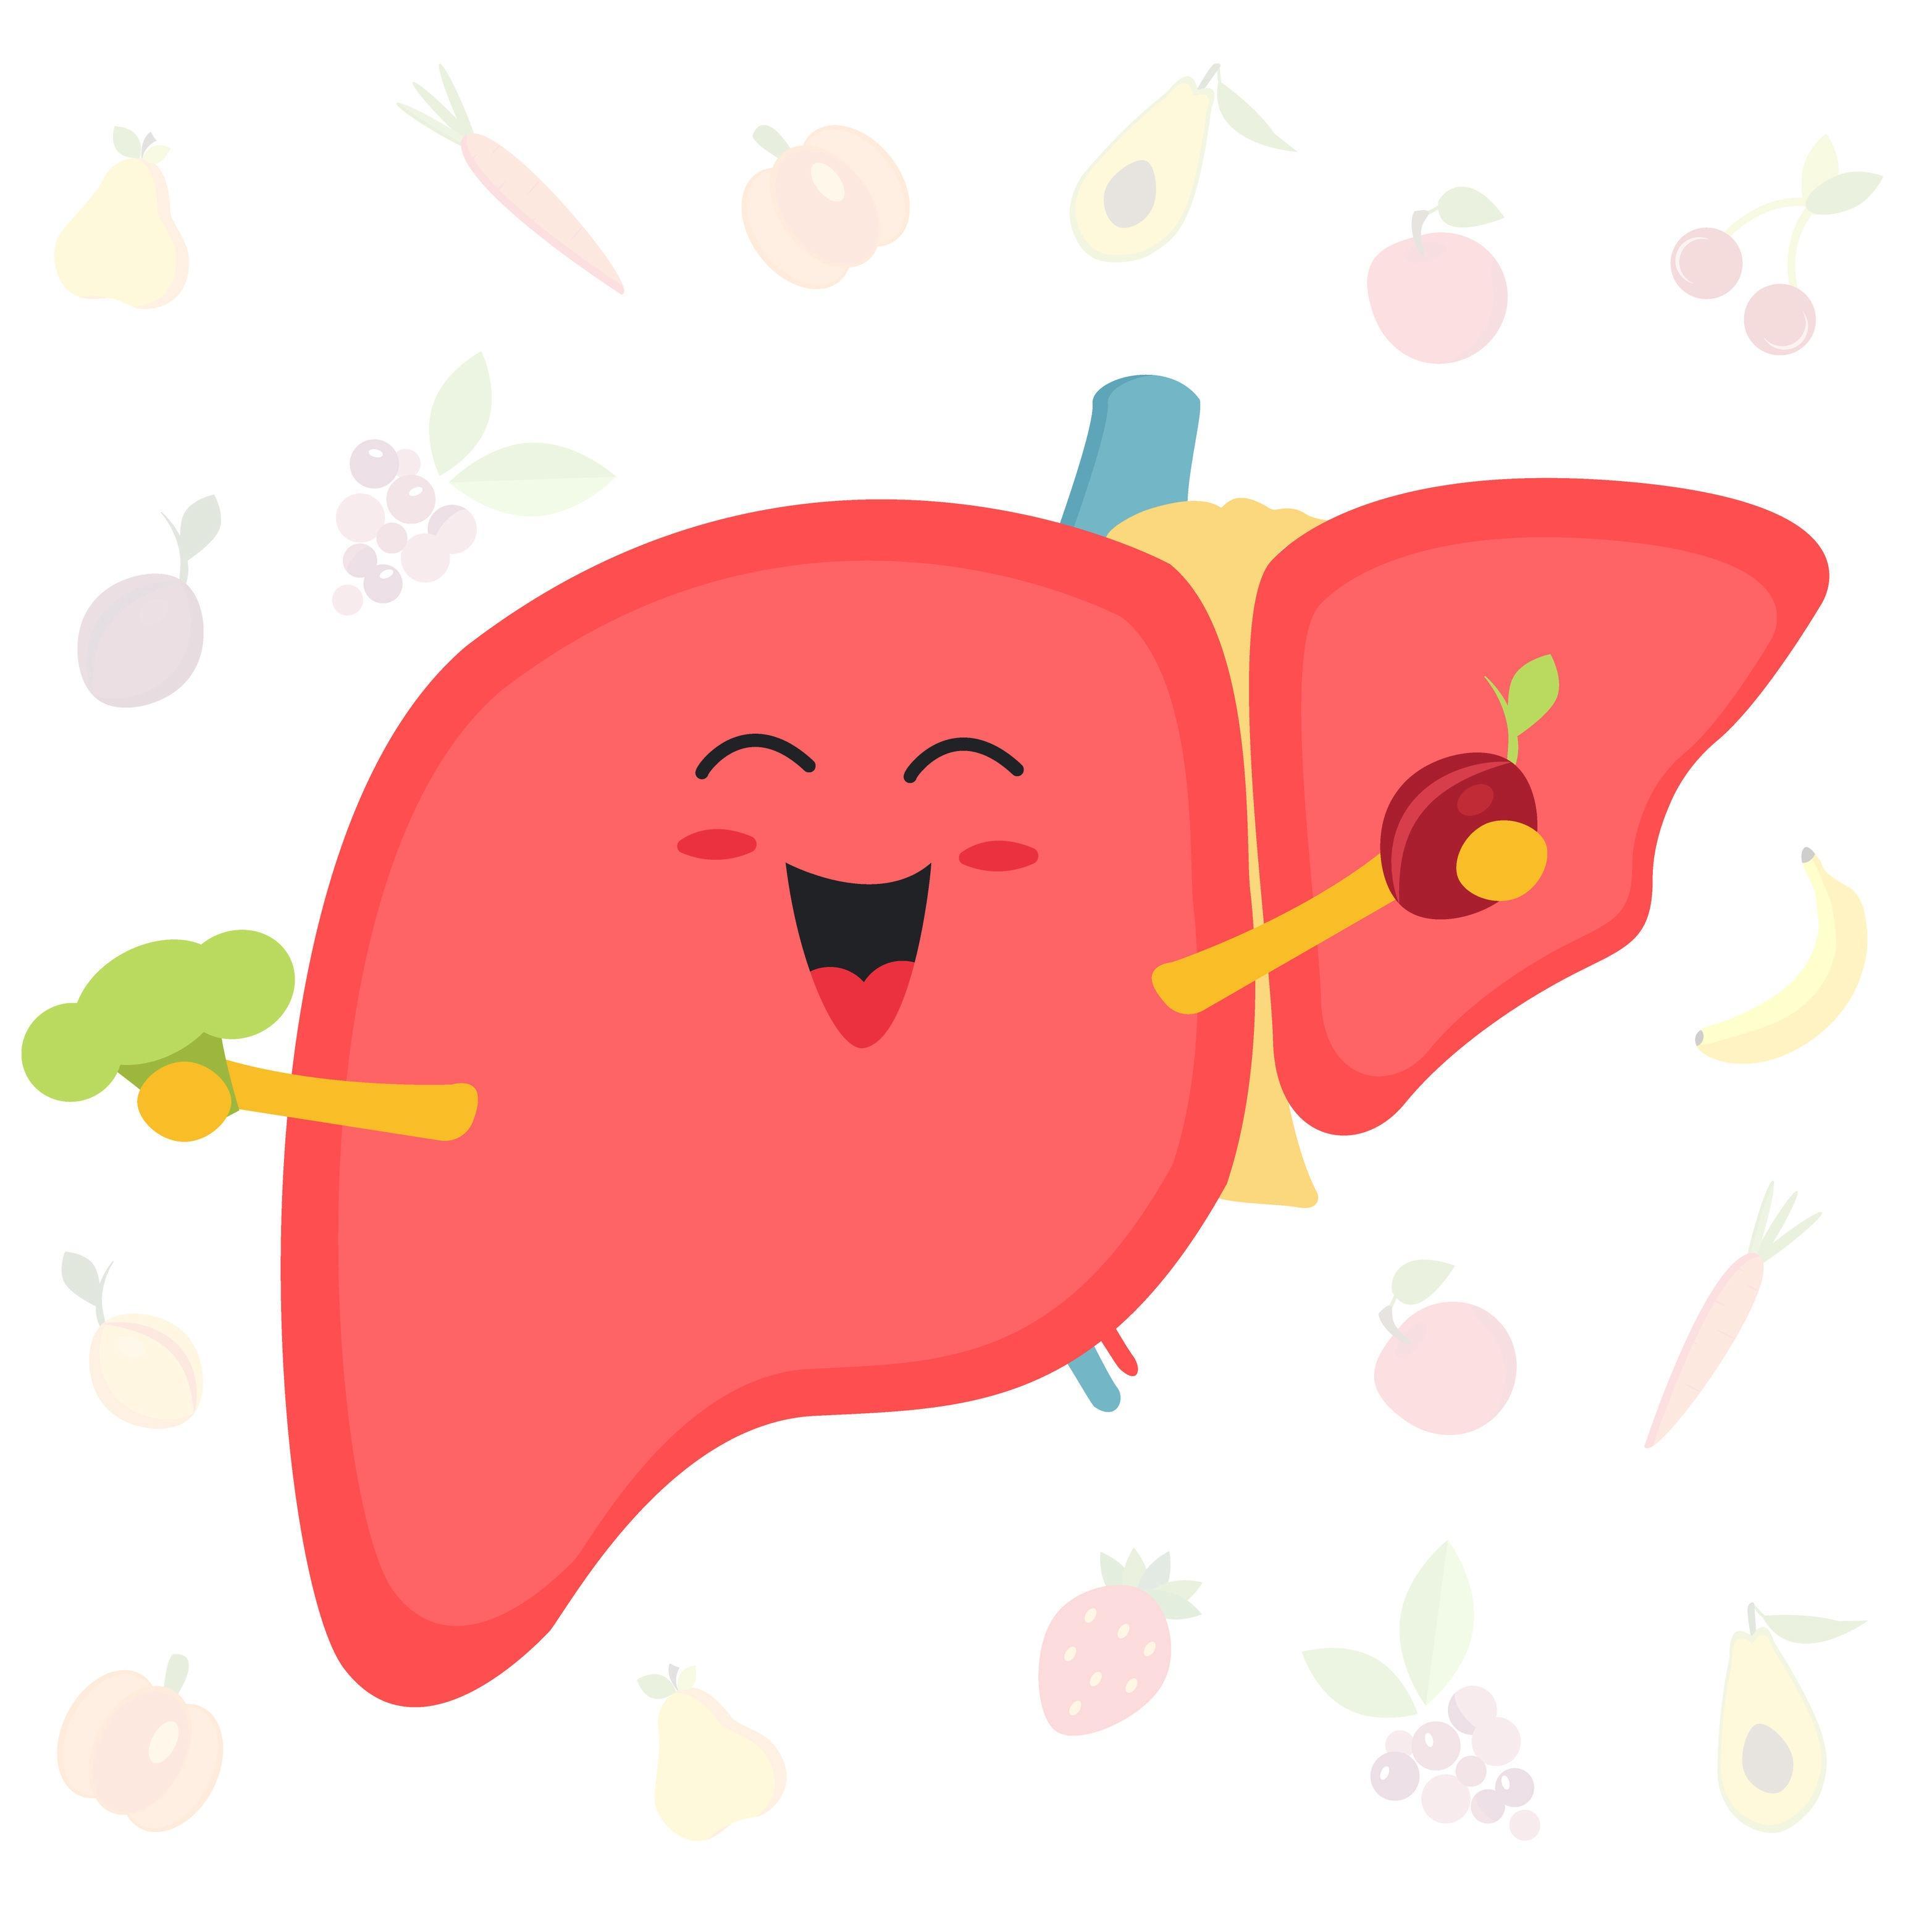 自身免疫性肝炎的治疗指南要点解读